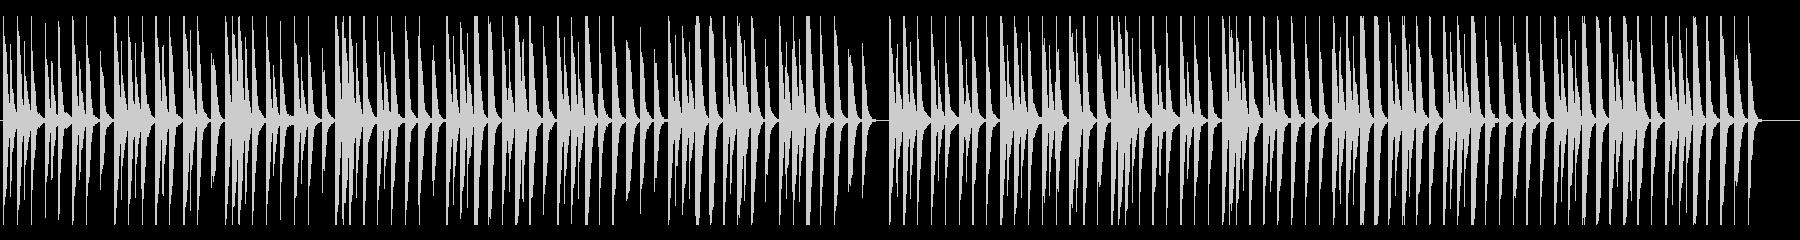 かわくて切ないピアノ、雪、思い出の未再生の波形